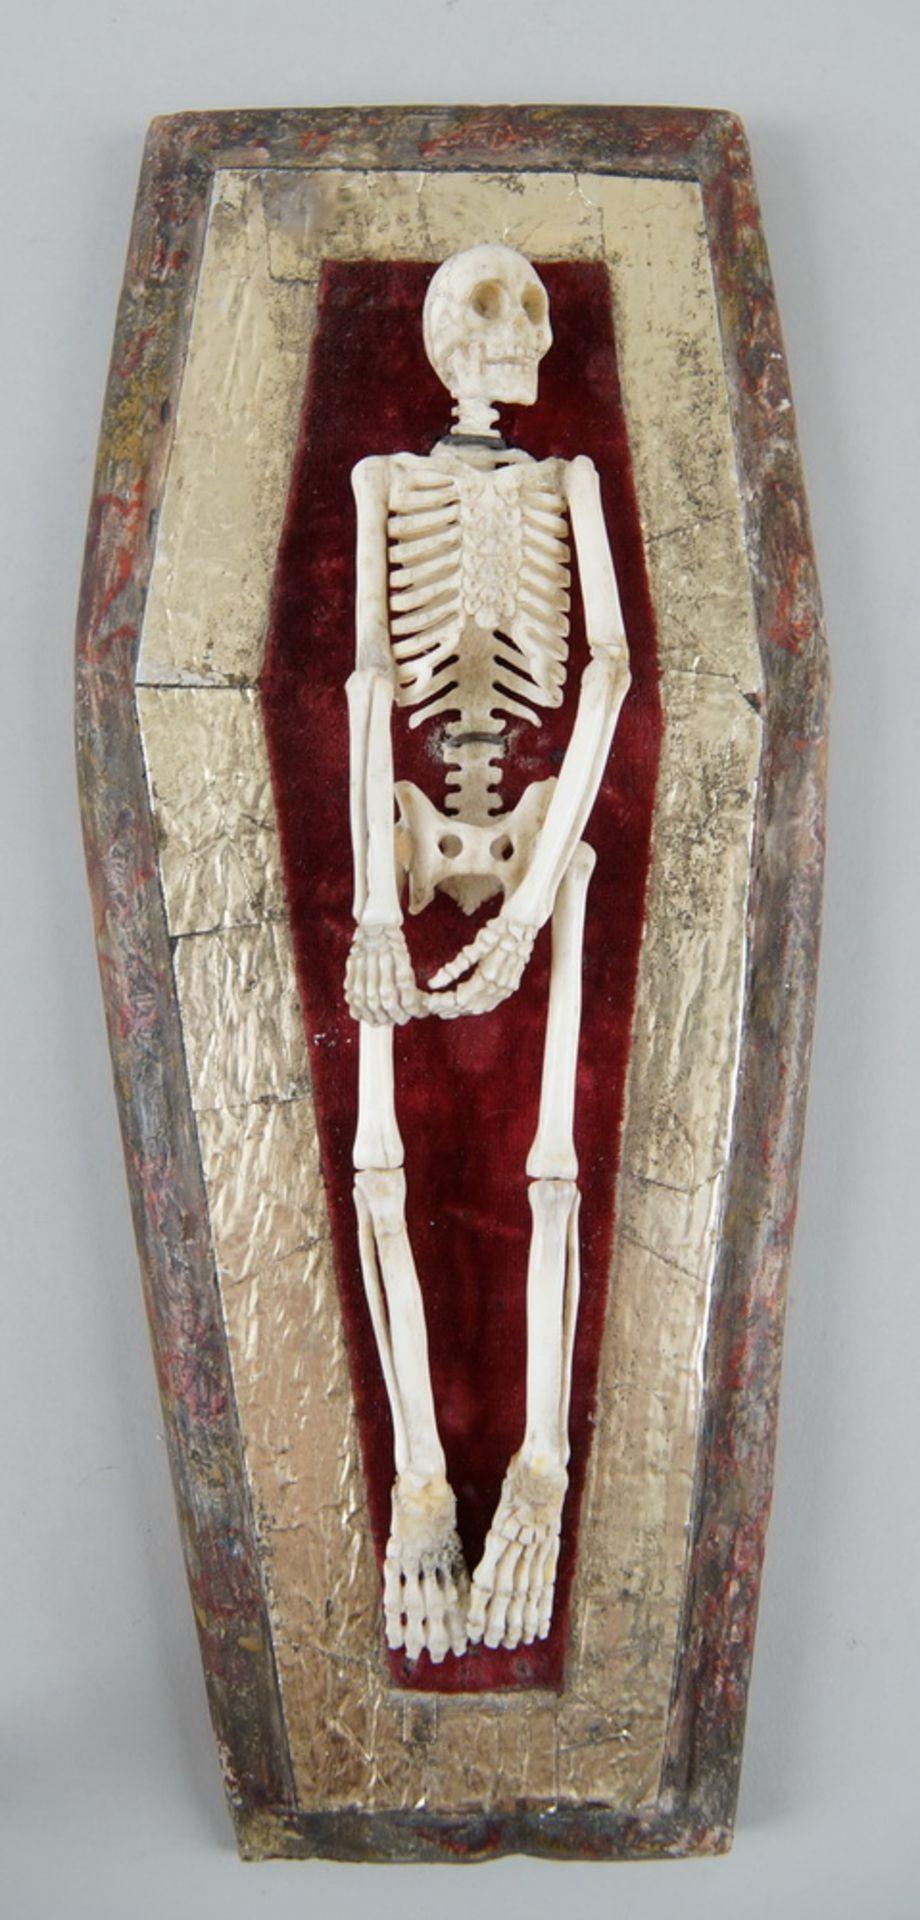 Los 19 - Memento Mori / die Vergänglichkeit, in Bein geschnitztes Skelett im Sarg, angebracht